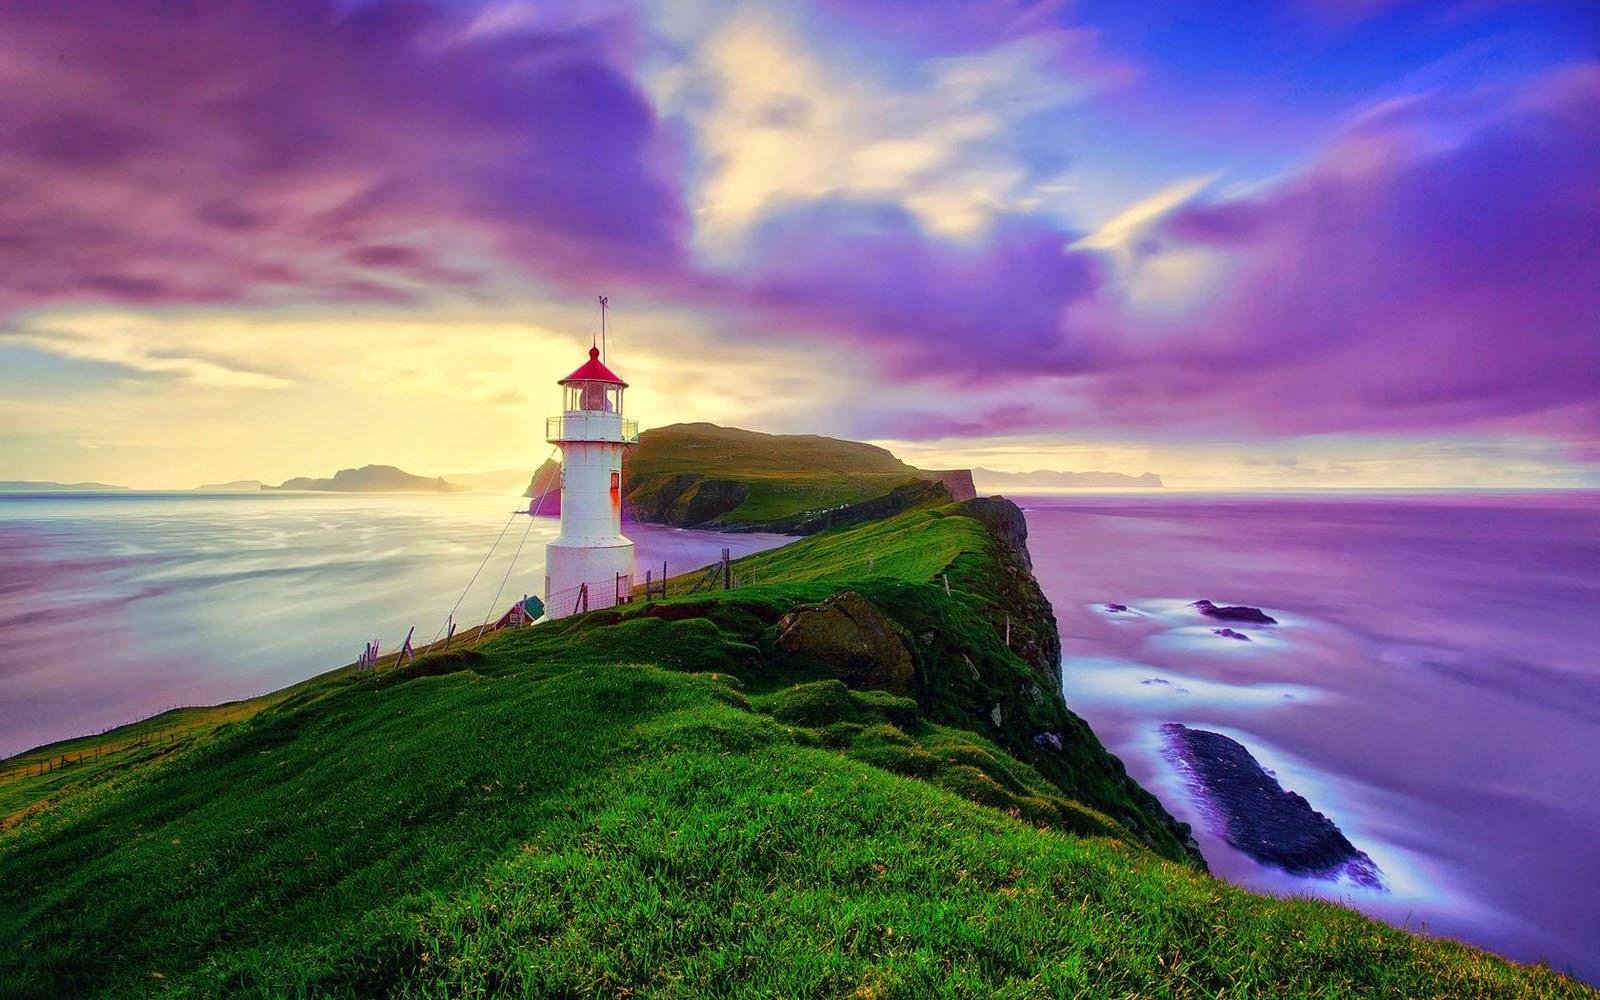 lighthouse desktop wallpaper 7900 - photo #32